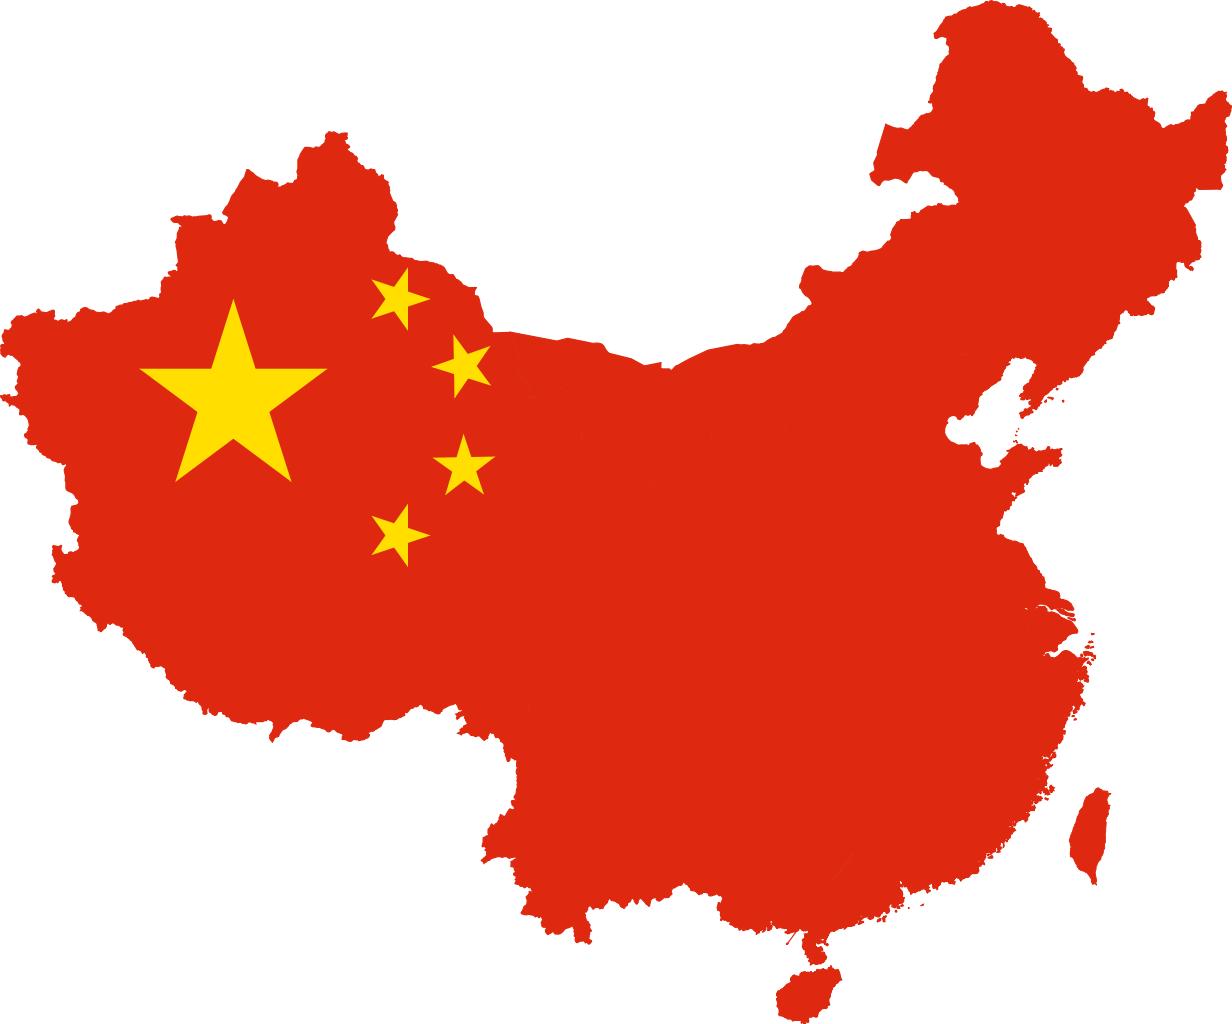 Agenzia Visti per la Cina